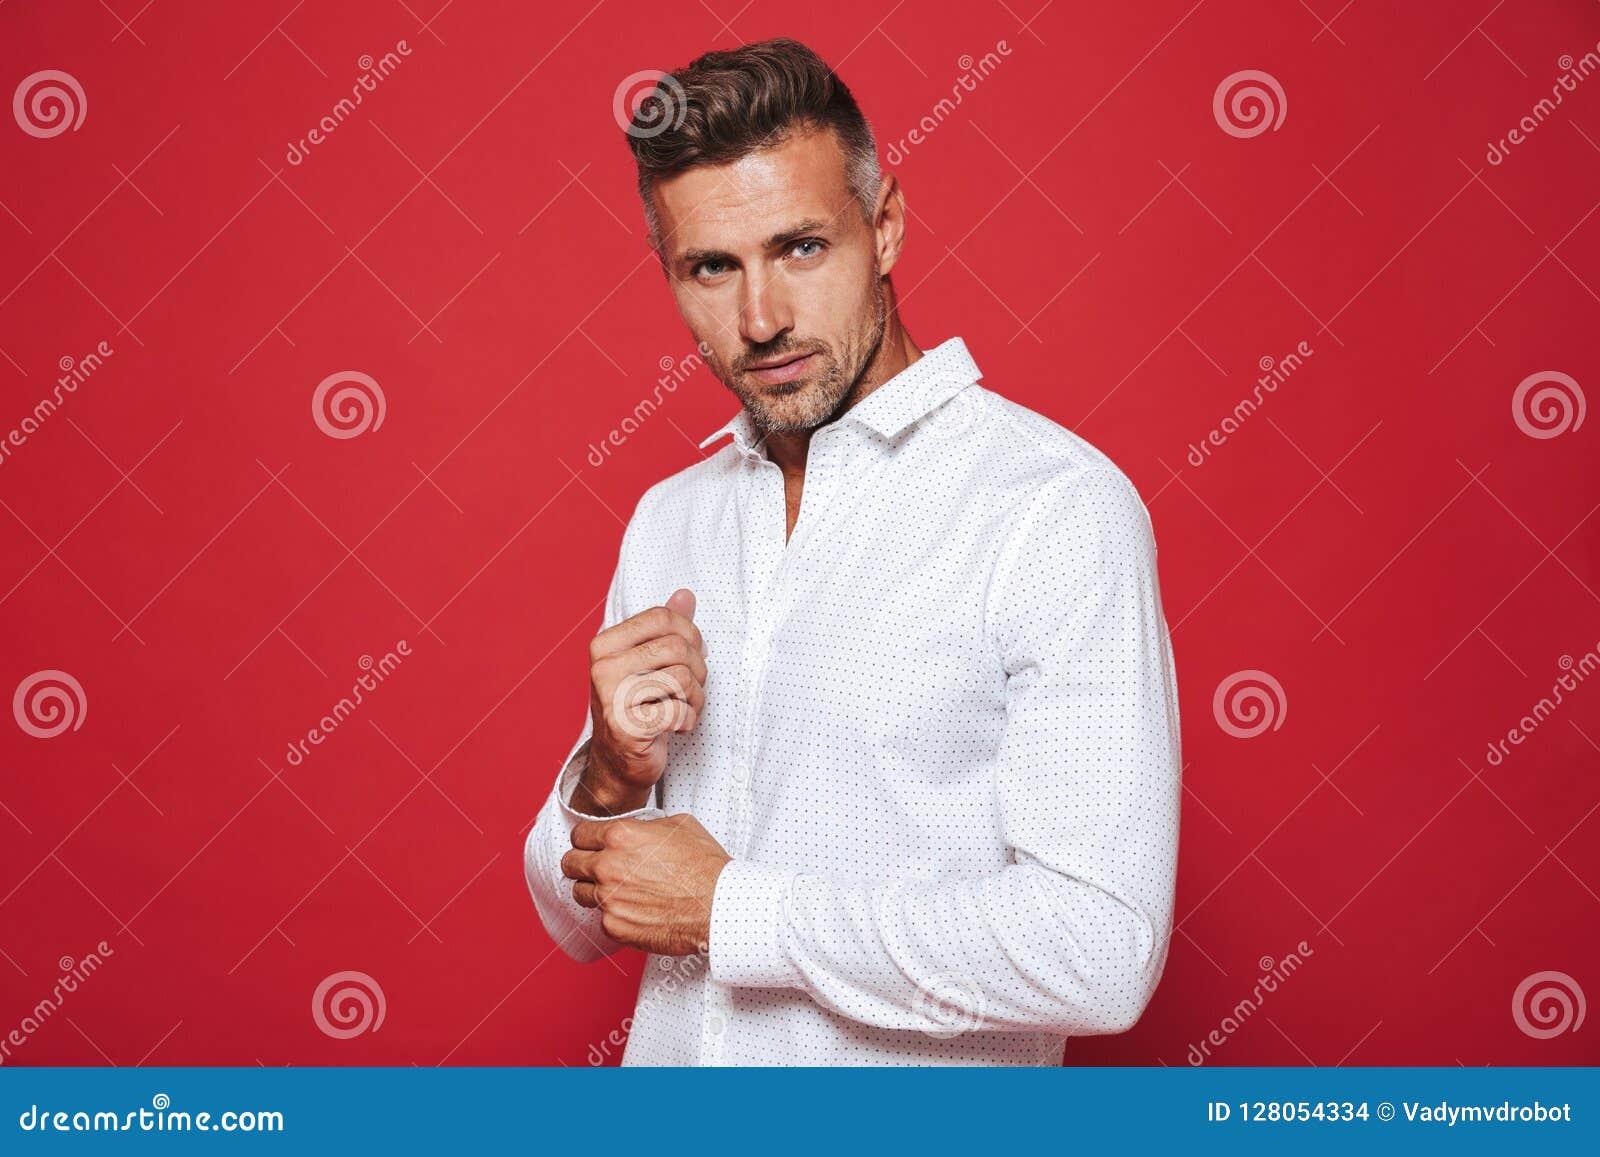 Piękny zarośnięty mężczyzna 30s w biały koszulowy patrzeć na kamerze, iso